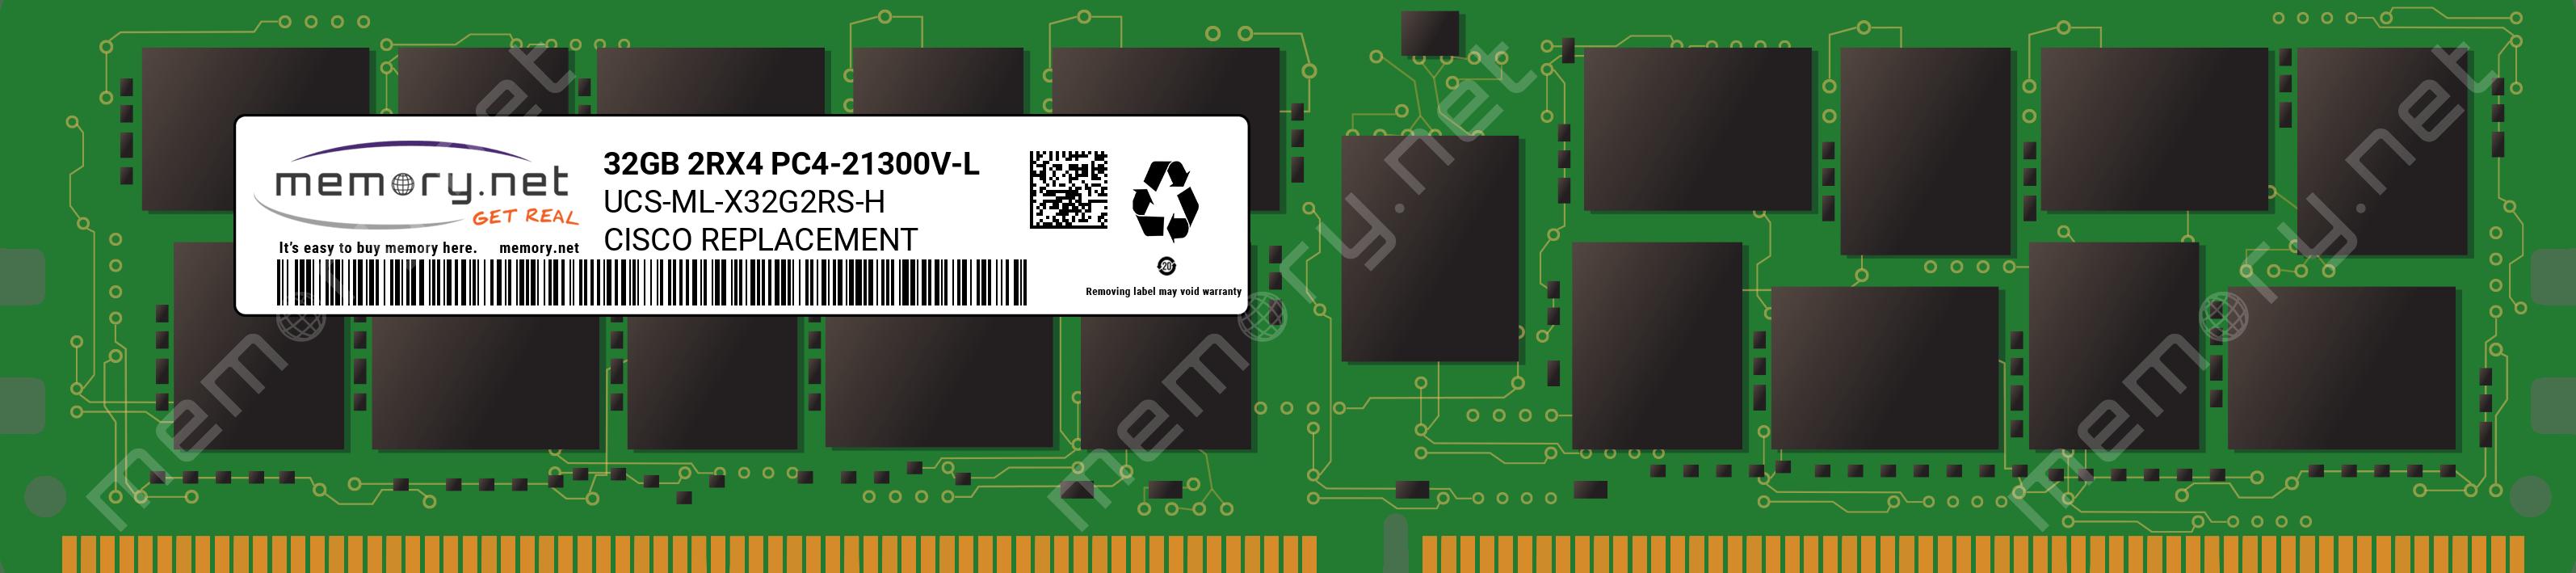 UCS-ML-X32G2RS-H